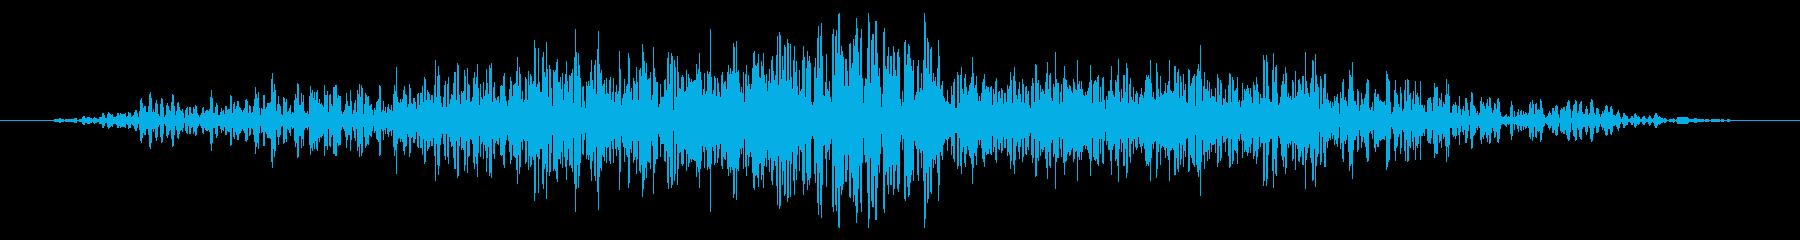 ワーム モンスター ゲーム 敗北時の再生済みの波形